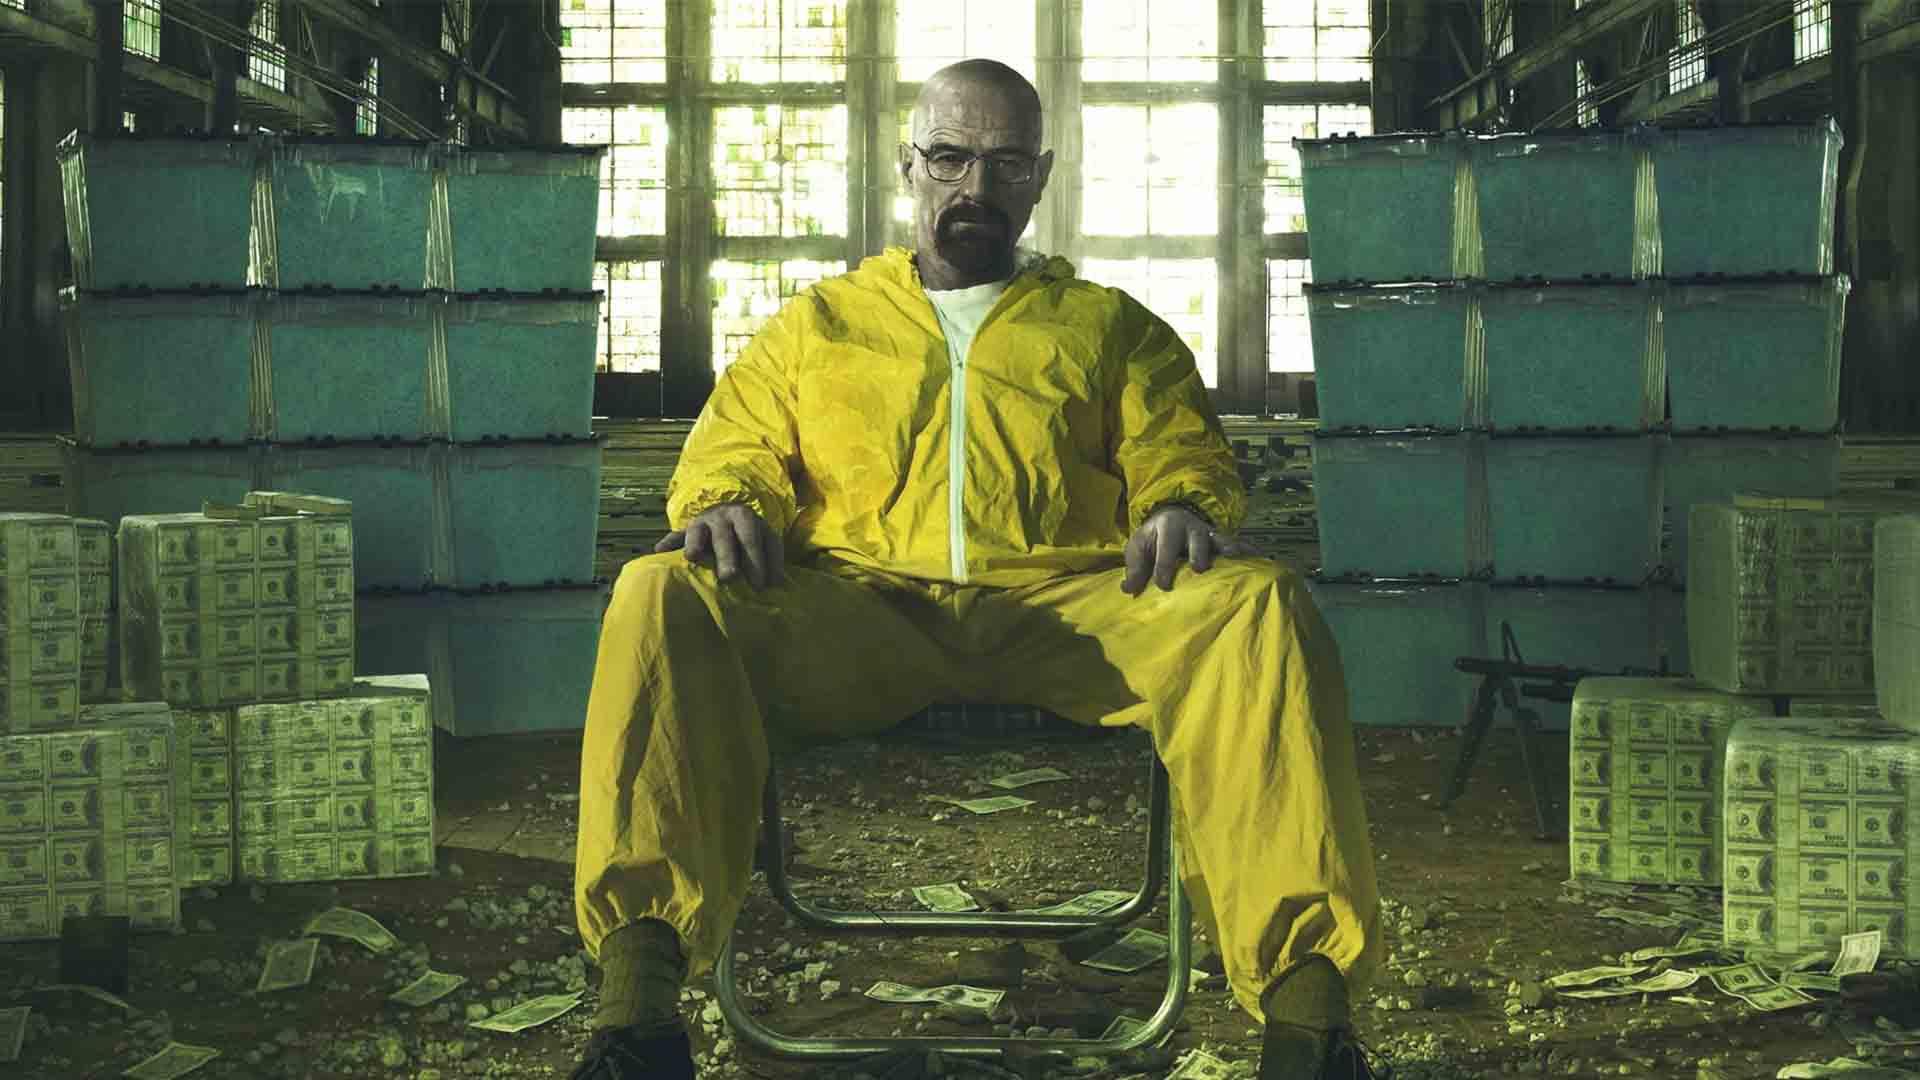 Walter White non si trasforma in Heisenberg, è Heisenberg che si mascherava da Walter White